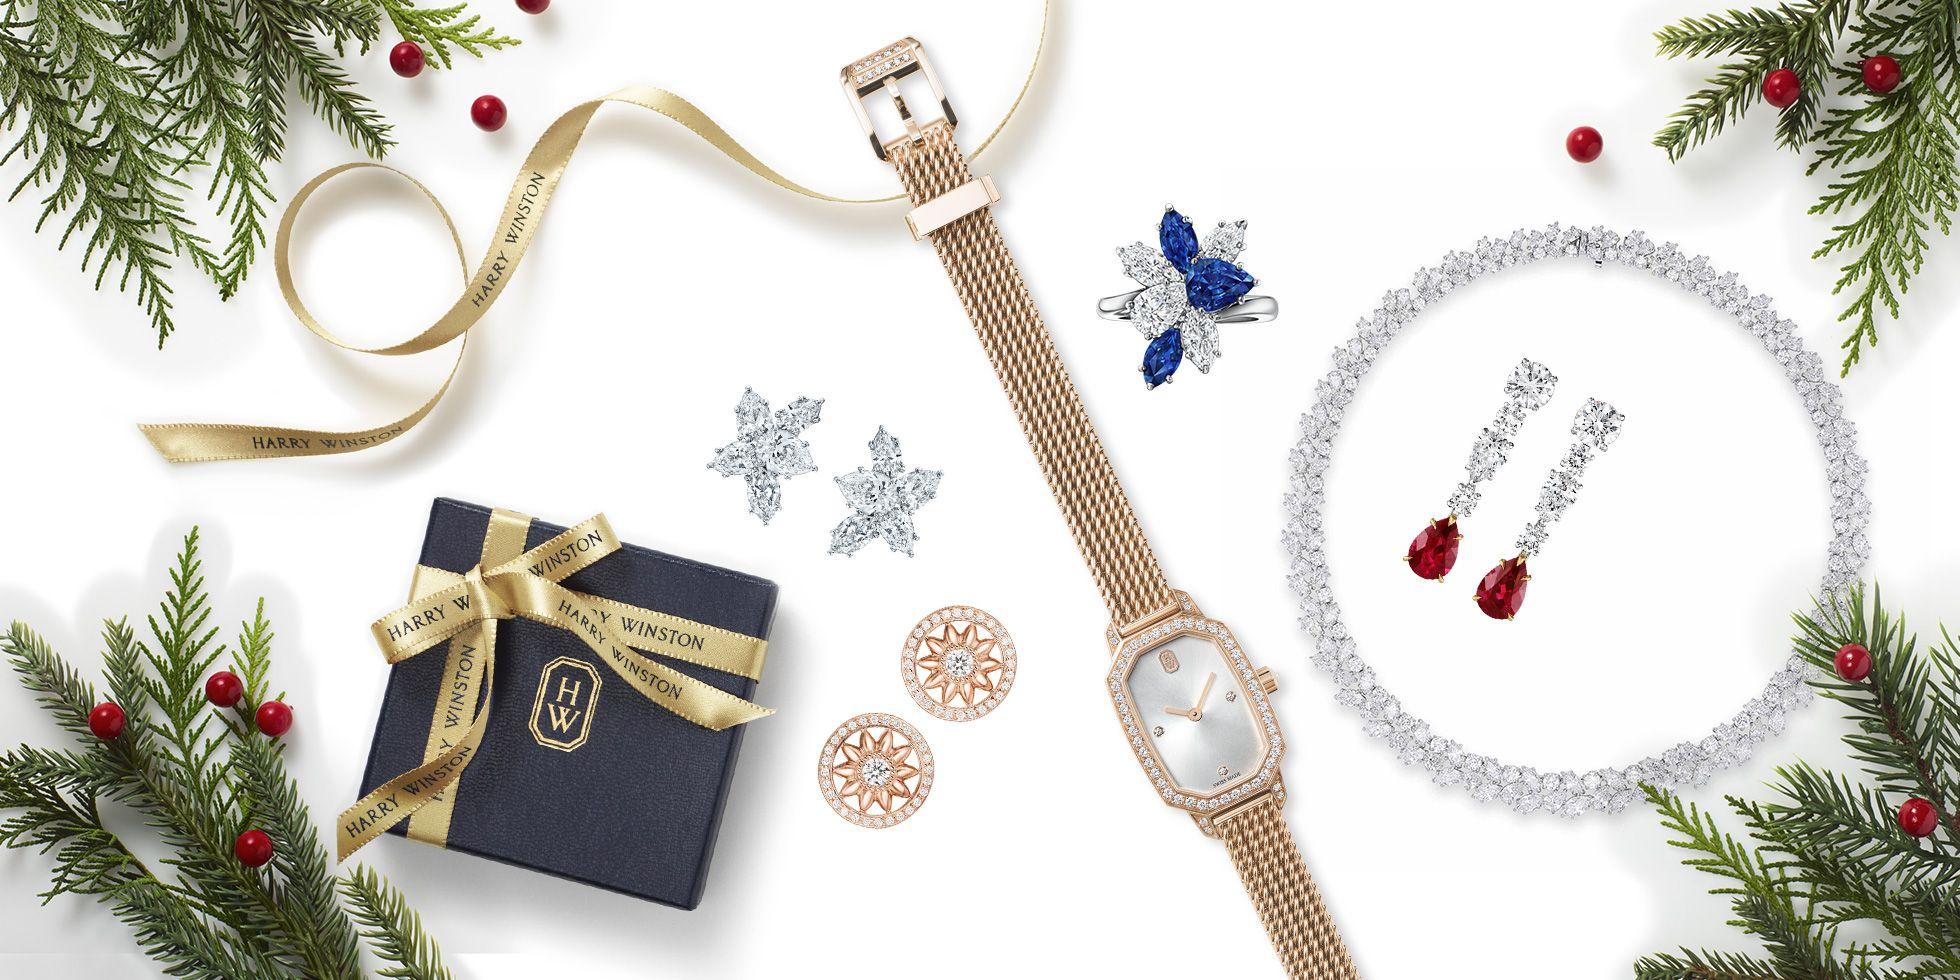 BAZAAR Editor's Holiday Wish List